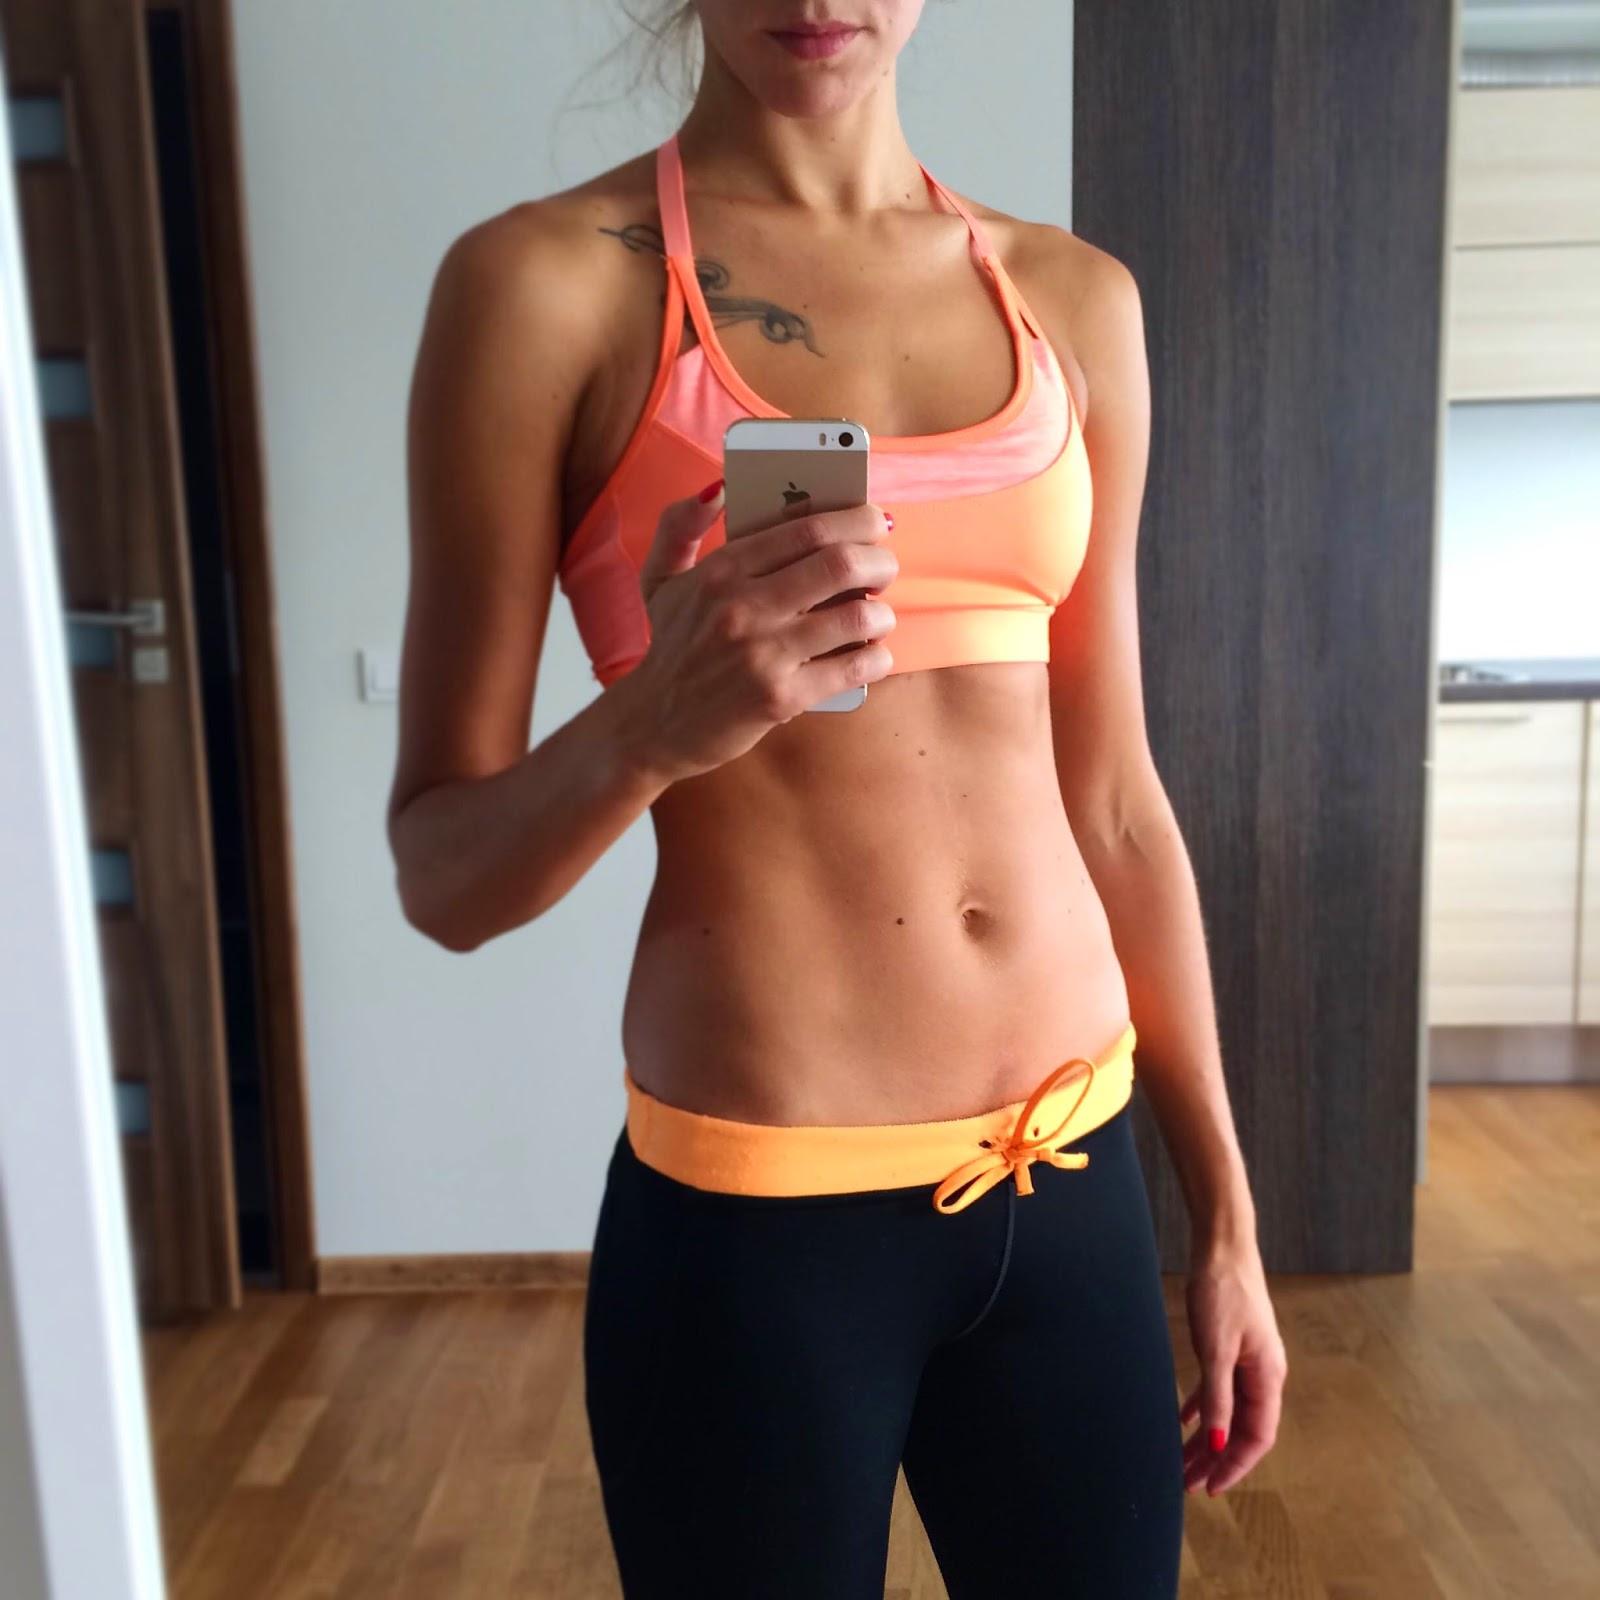 fitness bikini body hm sports bra